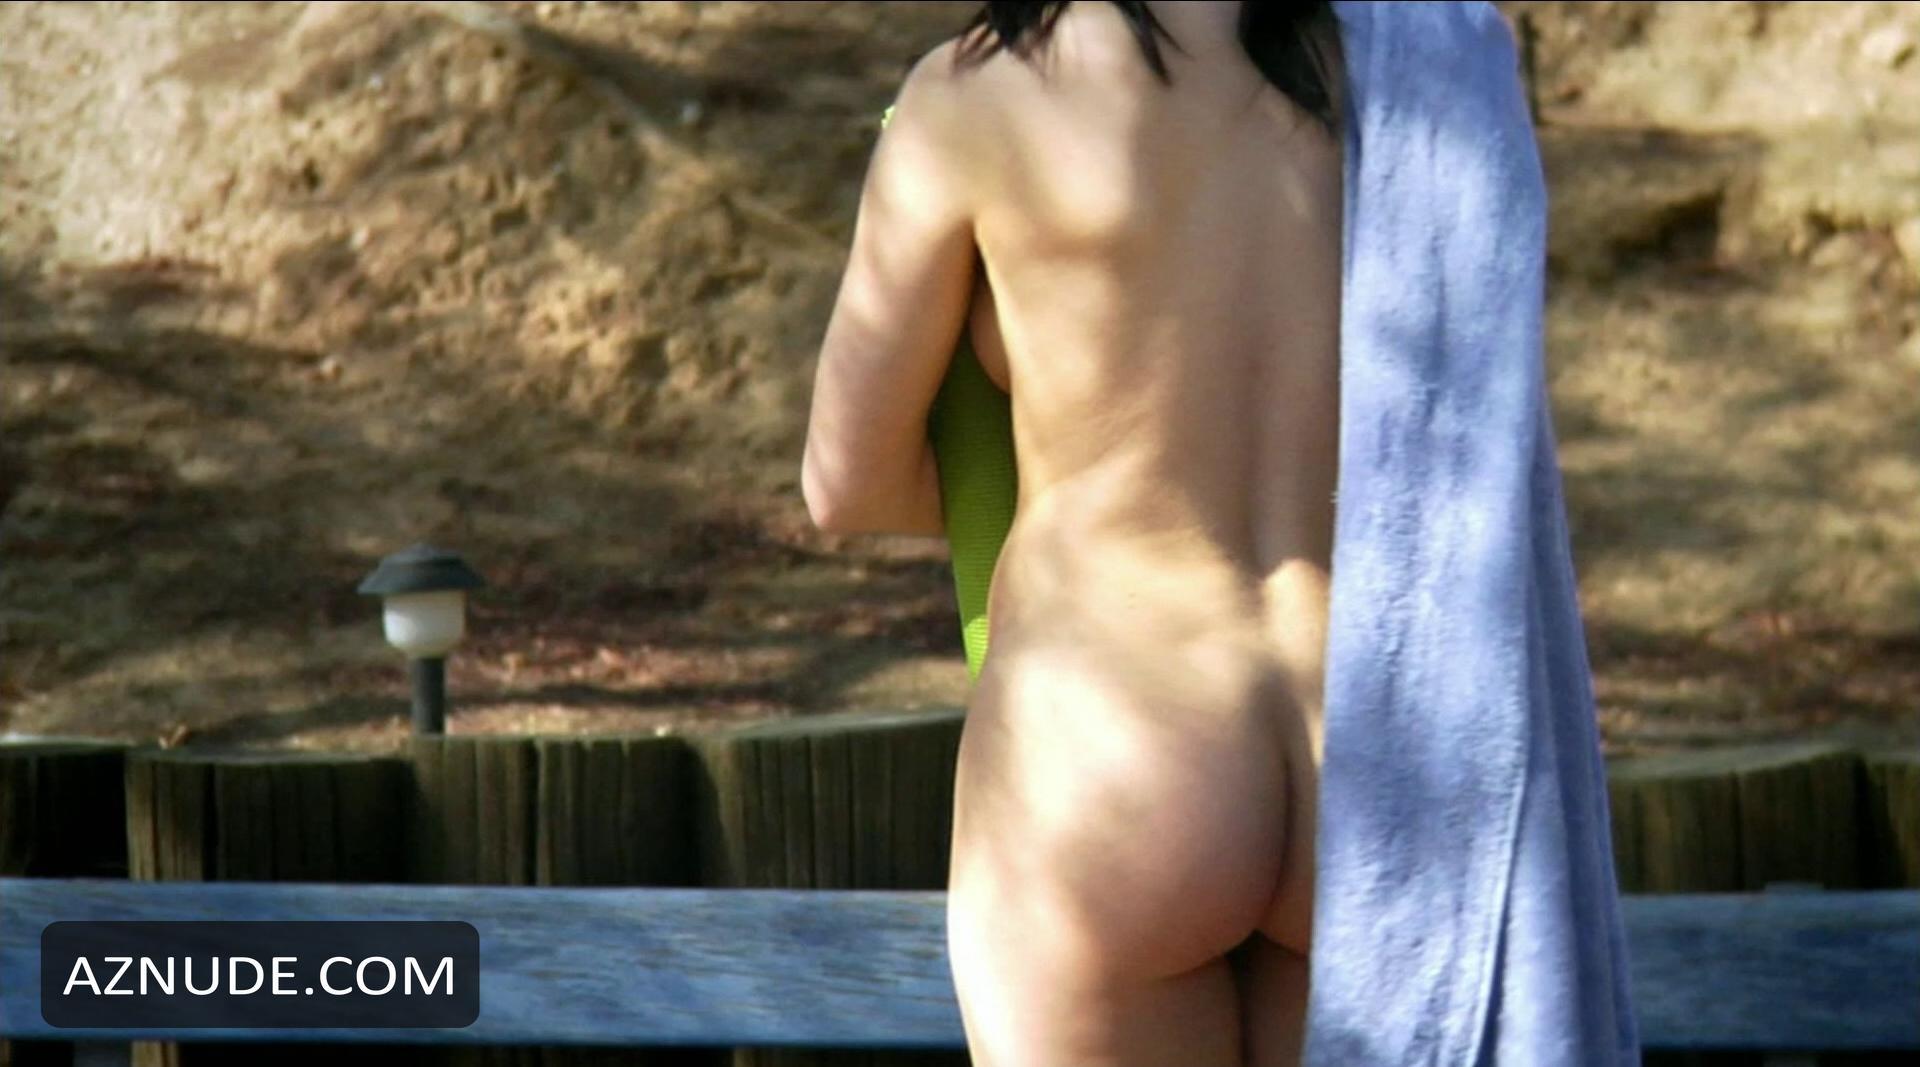 Sadie alexandru nude femme fatales hd - 1 7